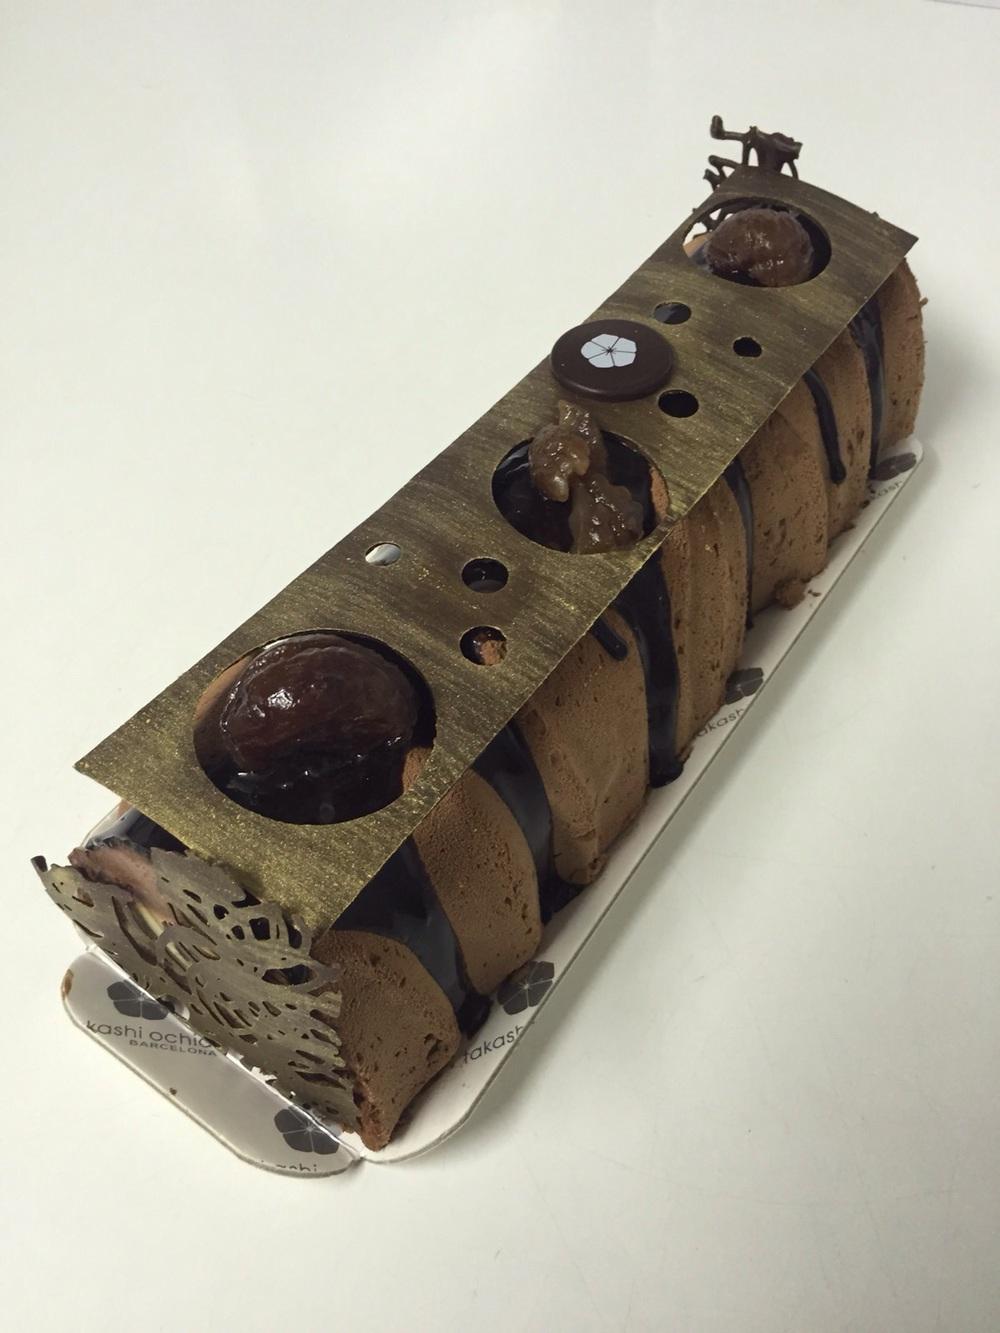 Mousse de xocolata Manjari 64%, interior de crema anglesa i castanya confitada, pa de pessic de xocolata amb cruixent de praliné.